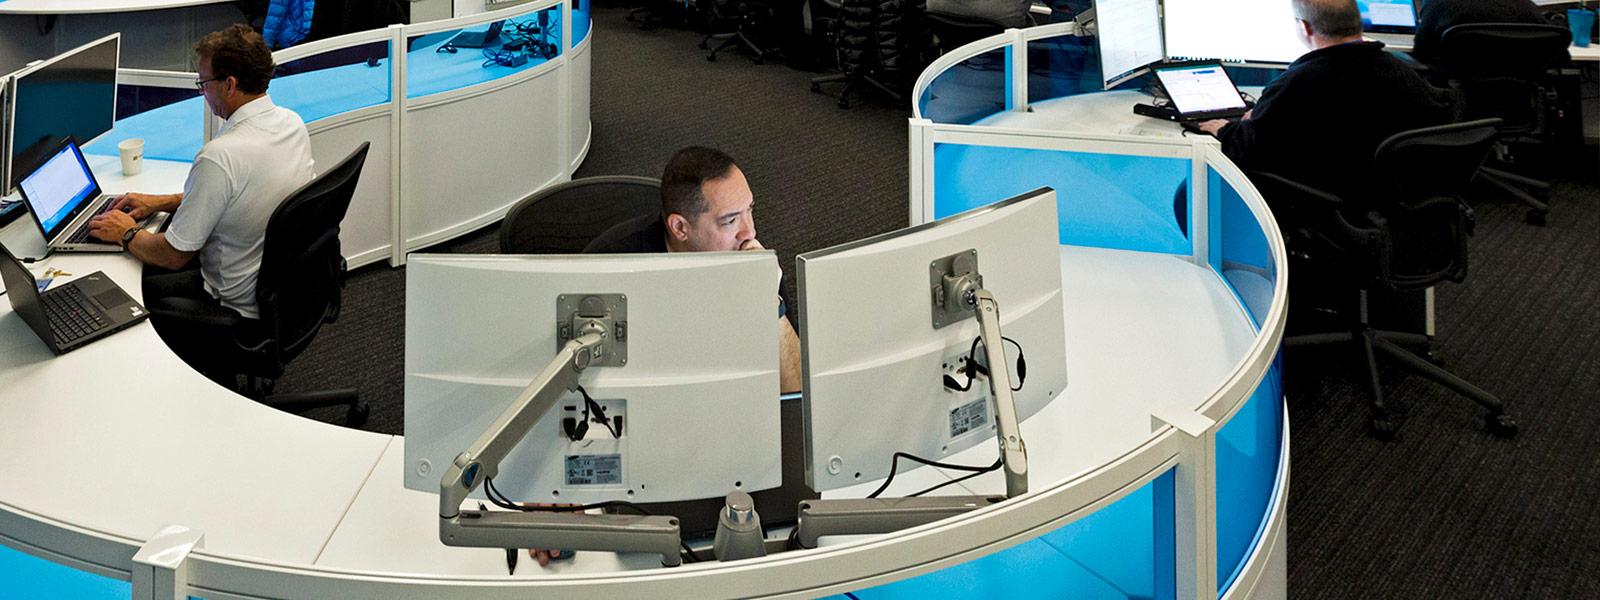 2 台のモニターをみているサイバー セキュリティ センターの男性